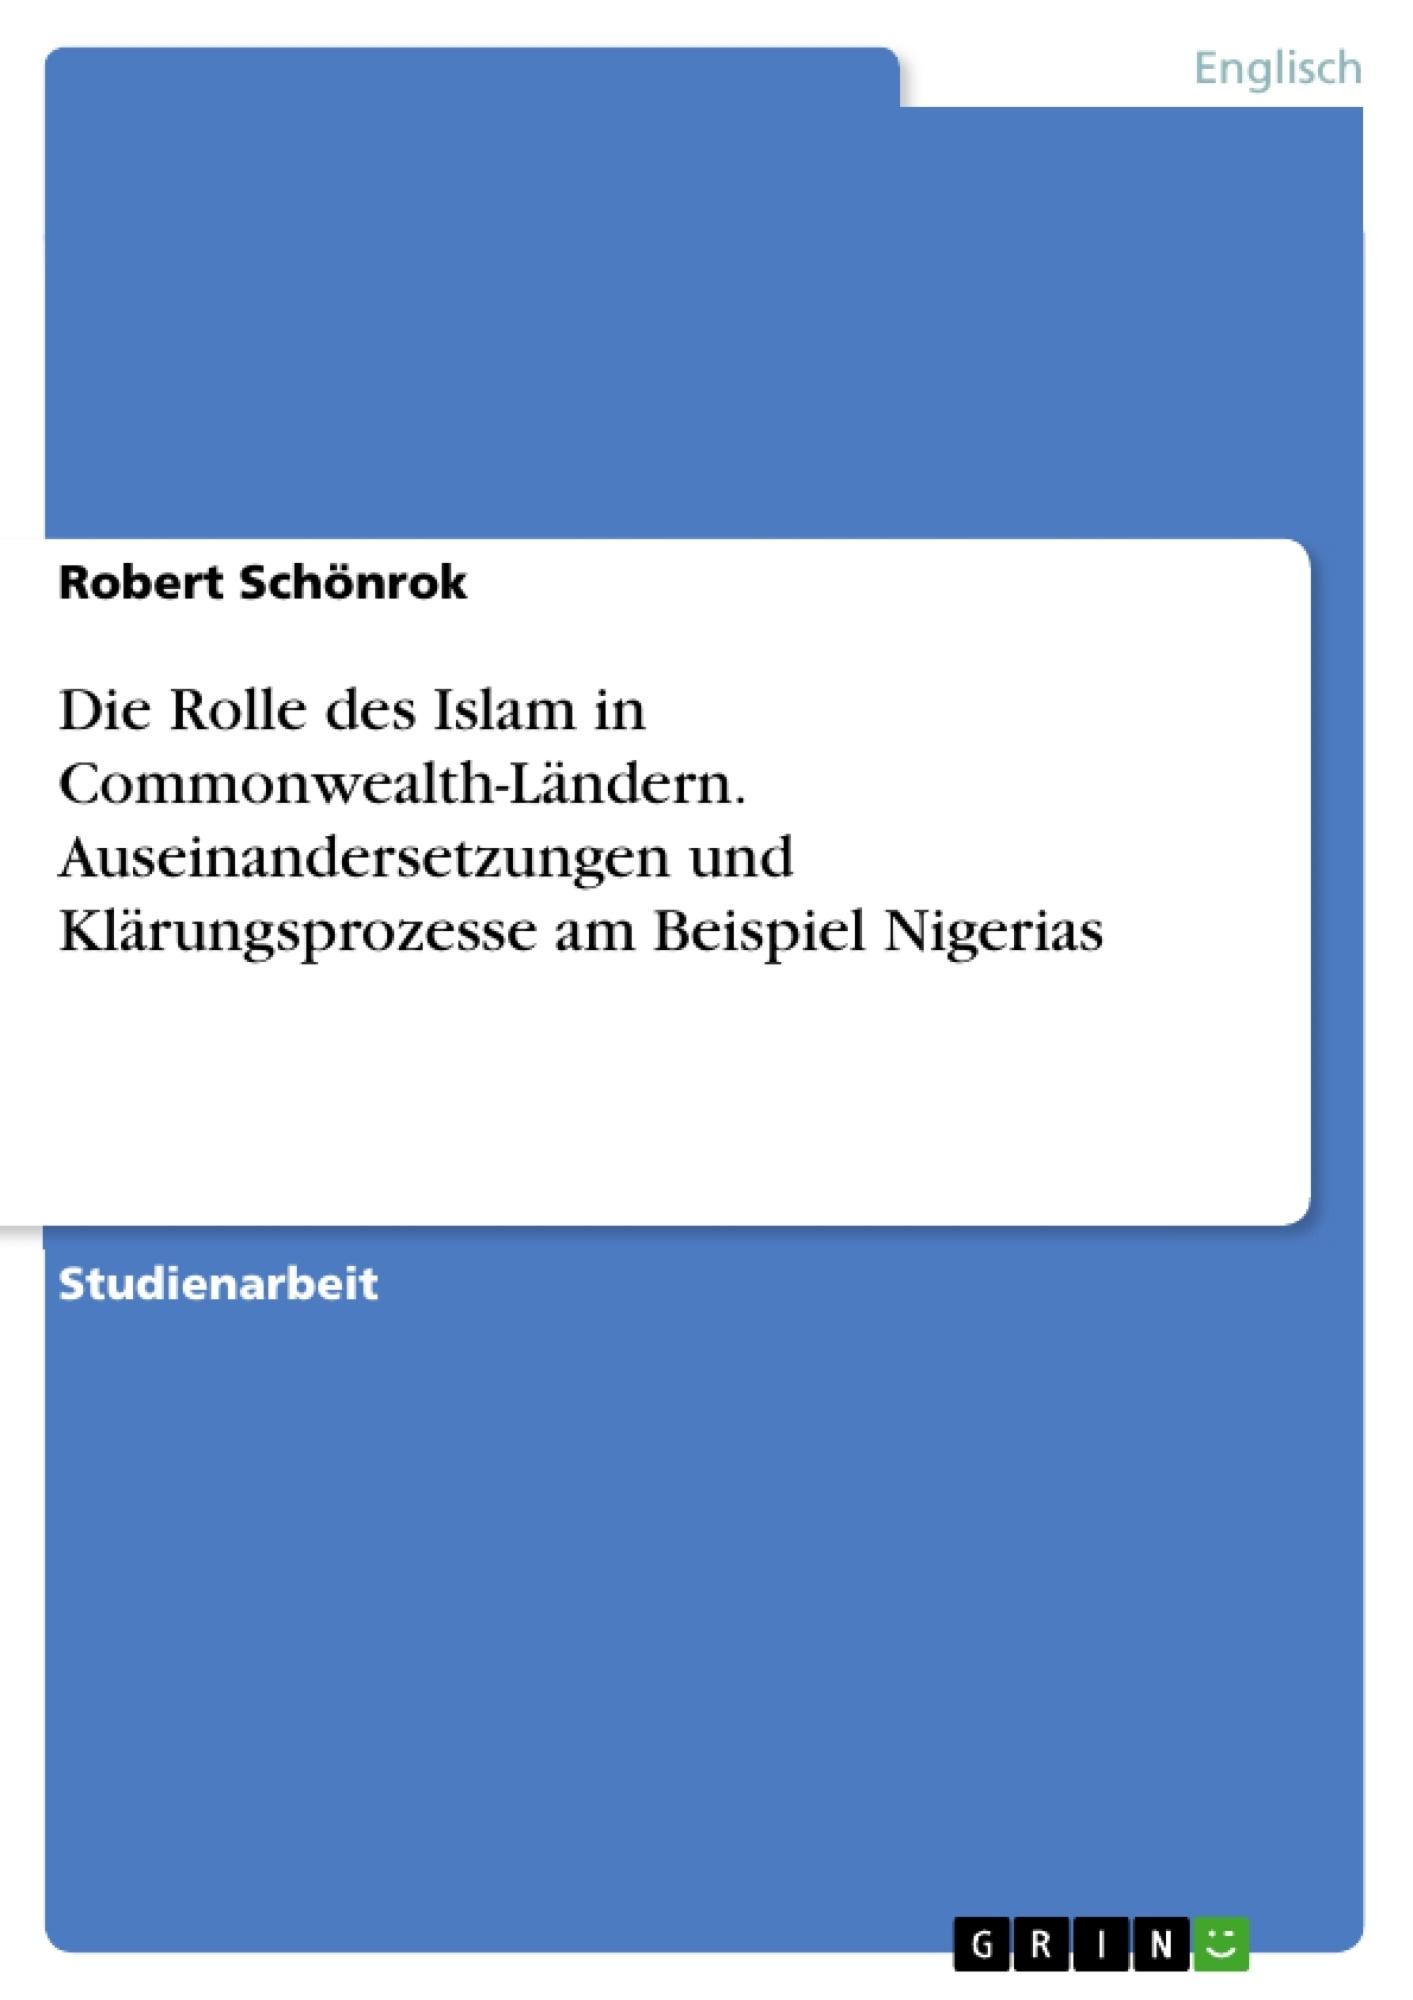 Titel: Die Rolle des Islam in Commonwealth-Ländern. Auseinandersetzungen und Klärungsprozesse  am Beispiel Nigerias